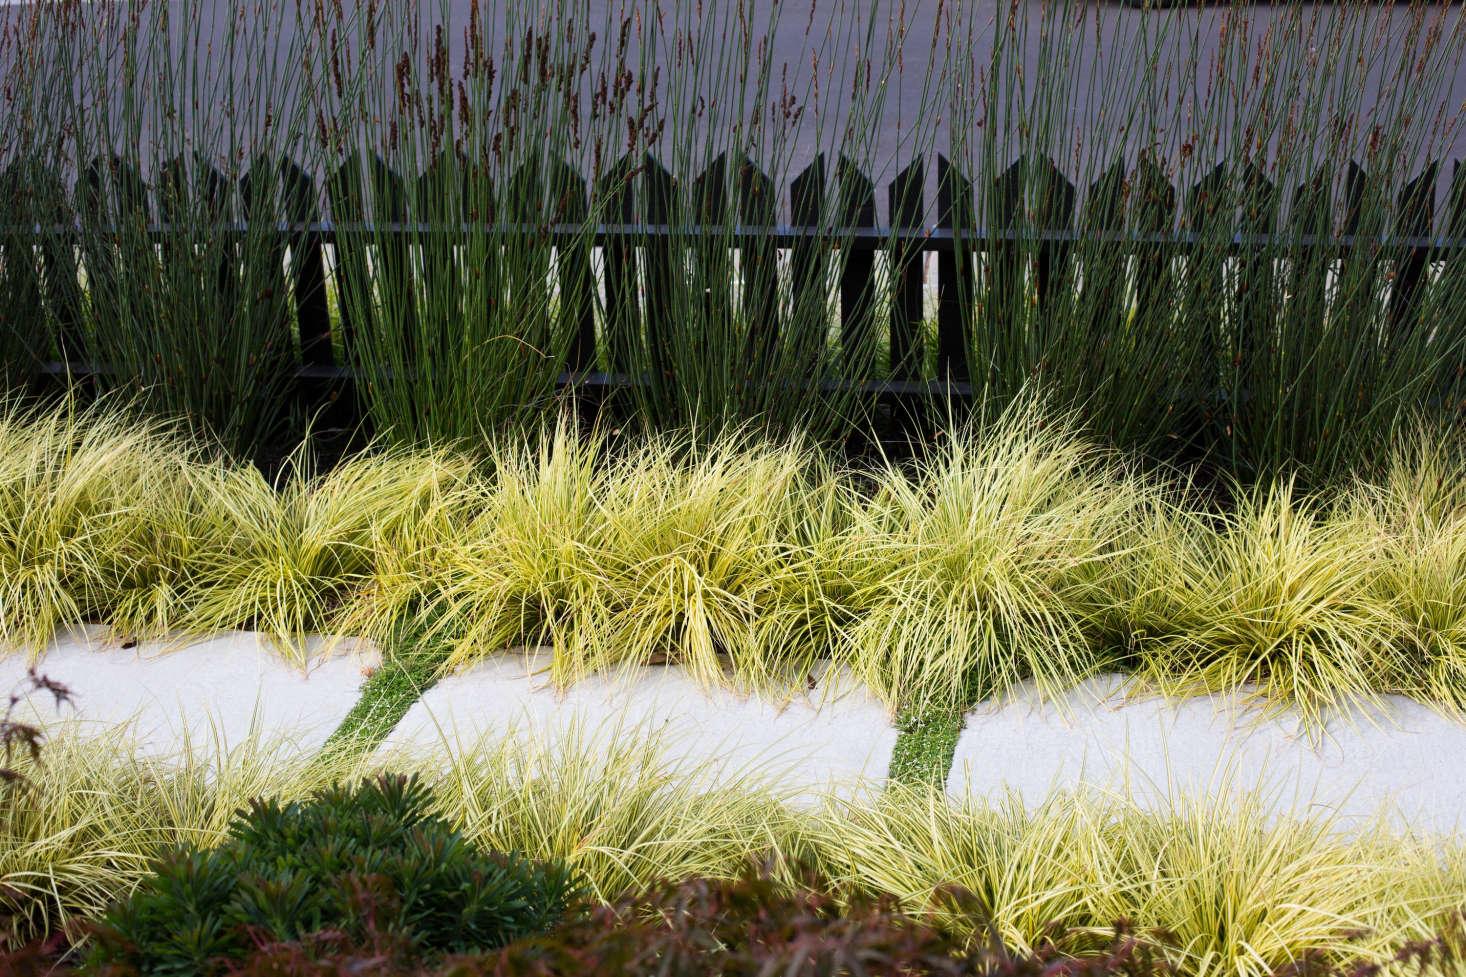 Variegated Japanese sedge (Carex morrowii &#8